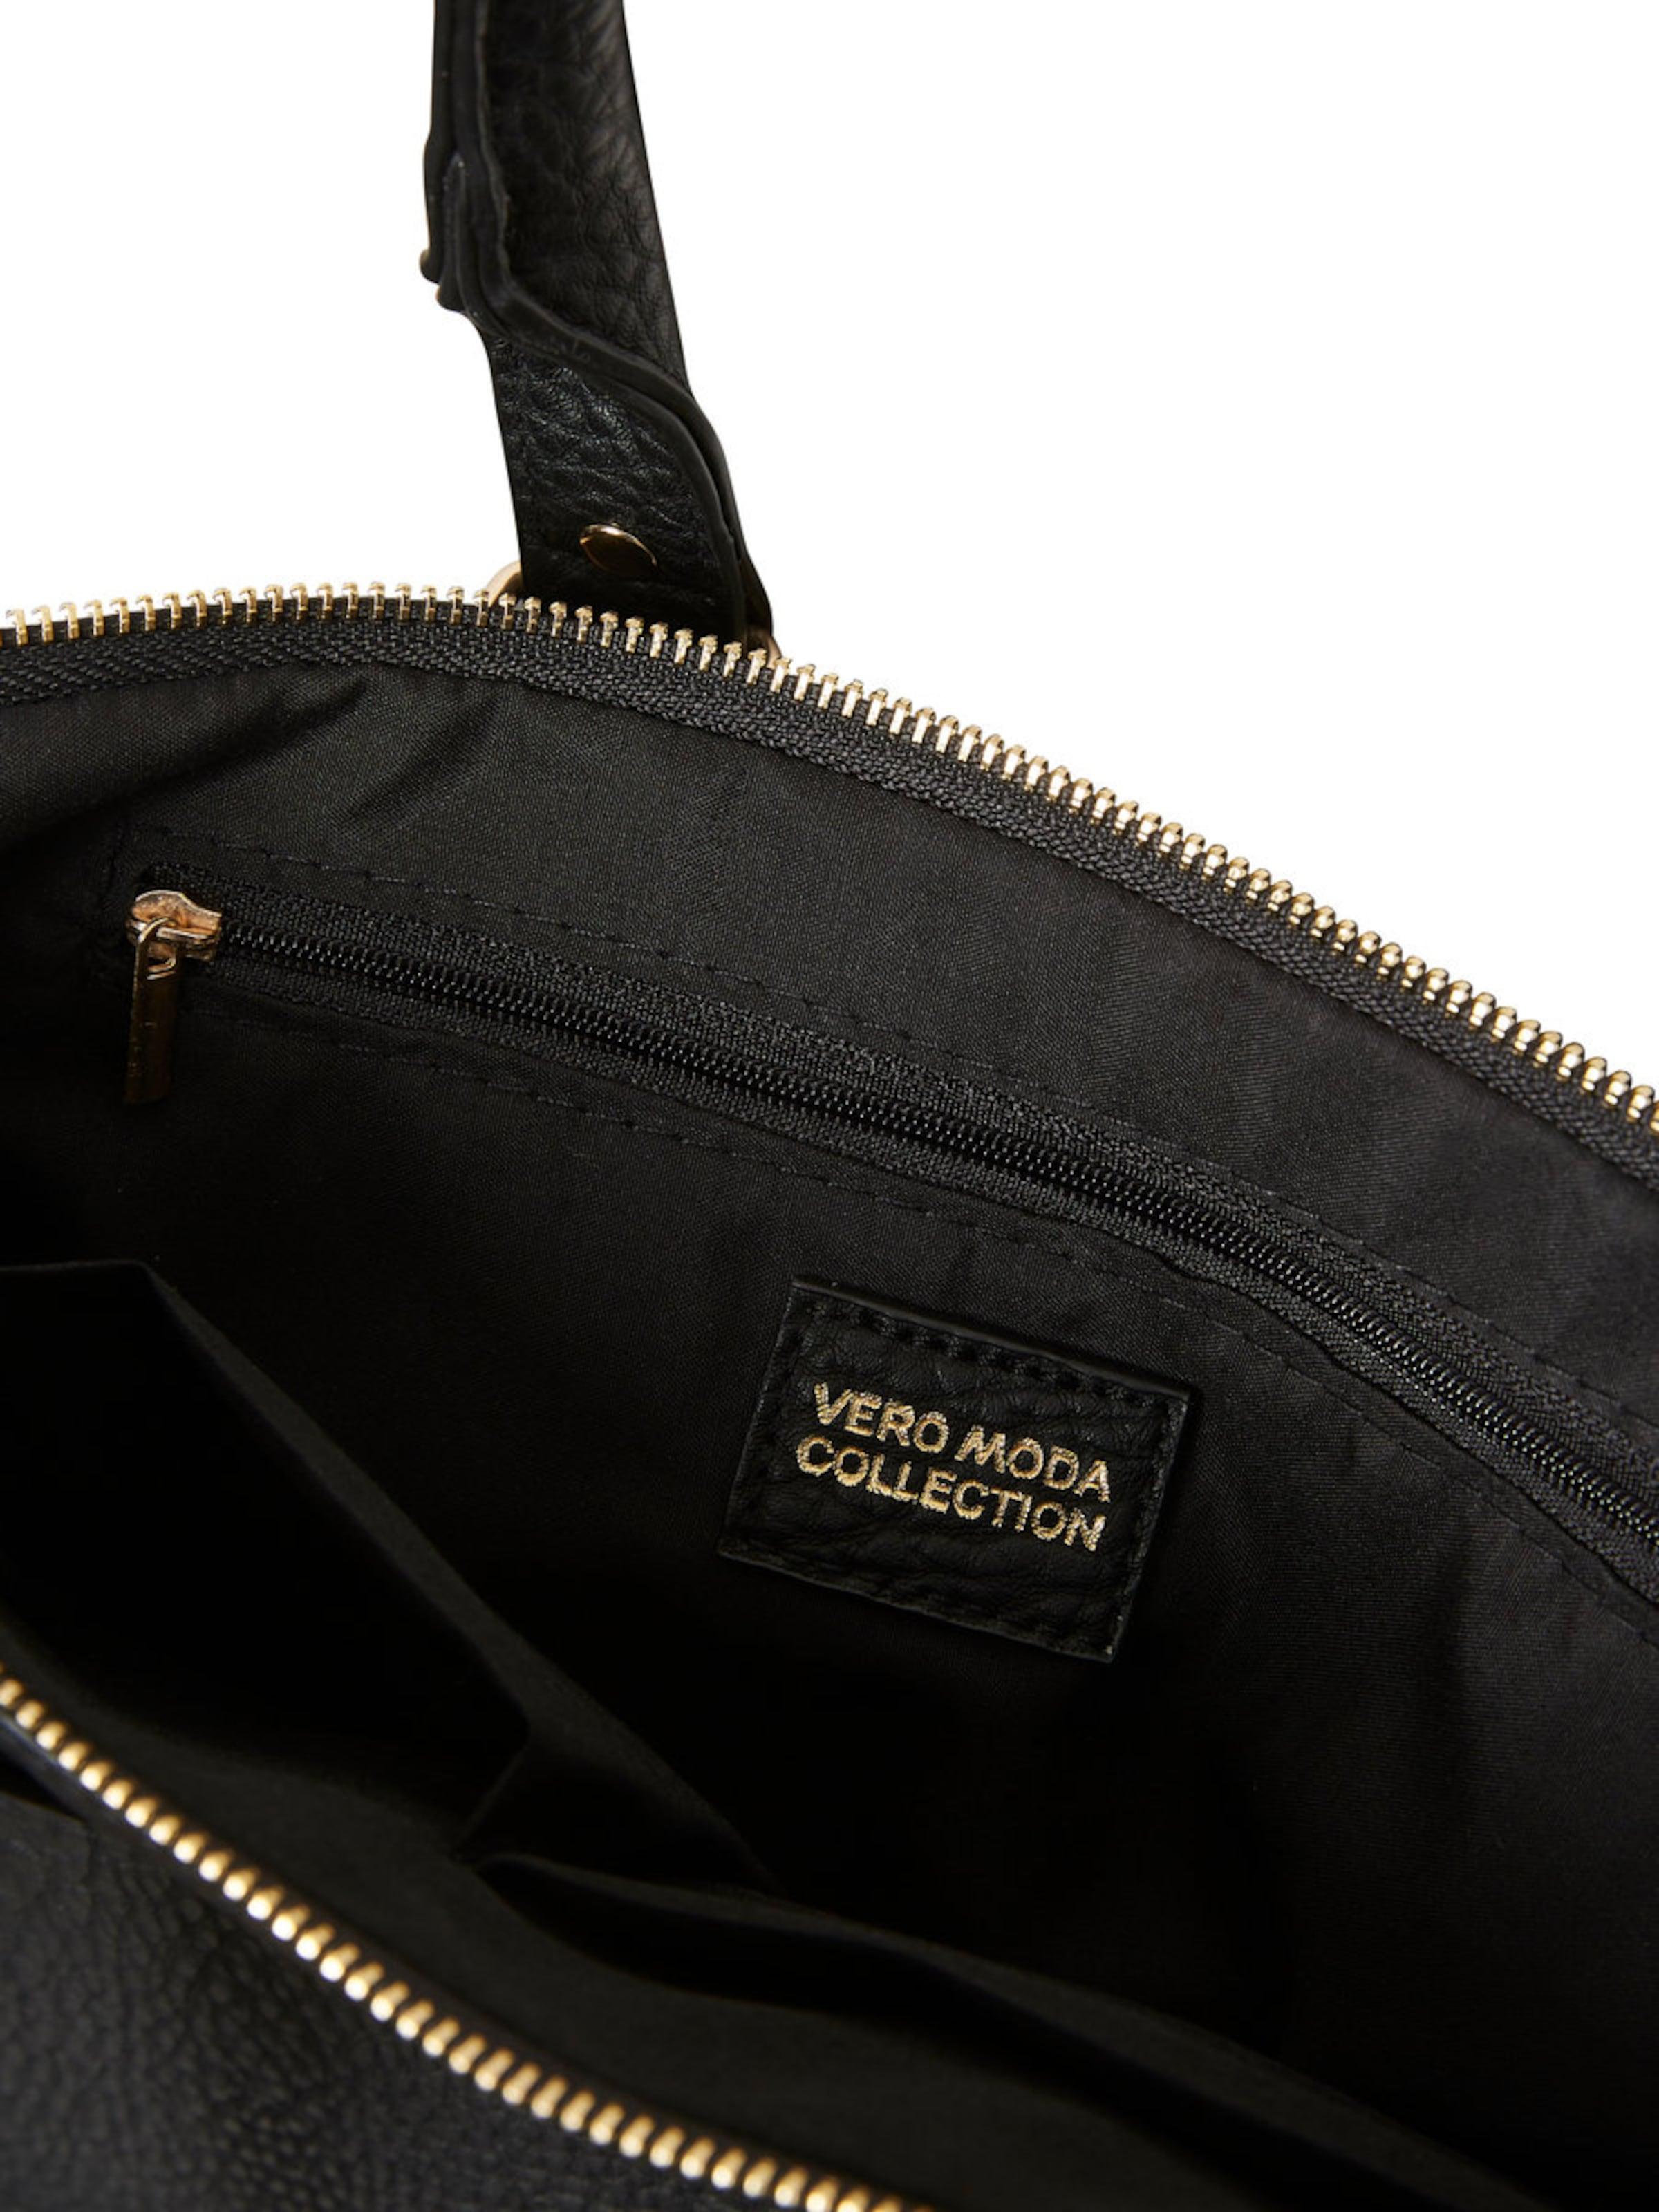 Große Überraschung Günstig Online VERO MODA Große Feminine Freizeittasche Billig Kaufen Rabatt Klassisch Strapazierfähiges Erstaunlicher Preis Günstiger Preis A1RiSiDU